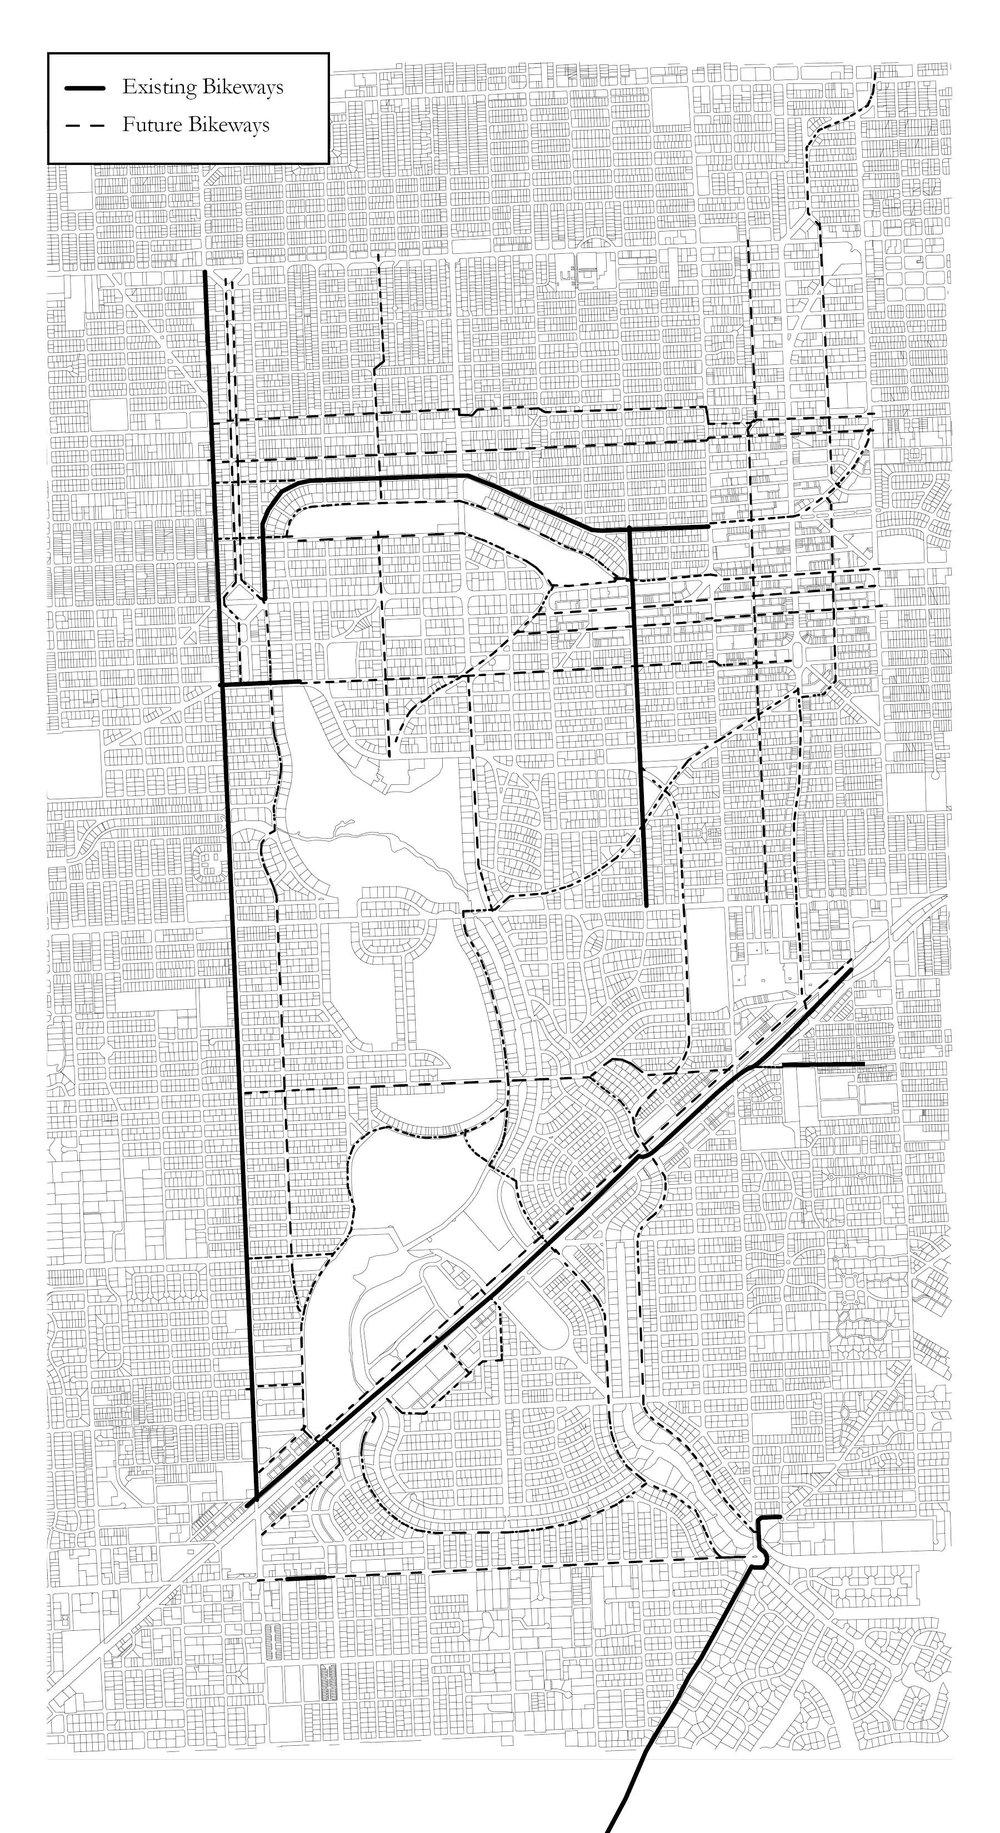 Future Bikeways from Bike & Pedestrian Master Plan